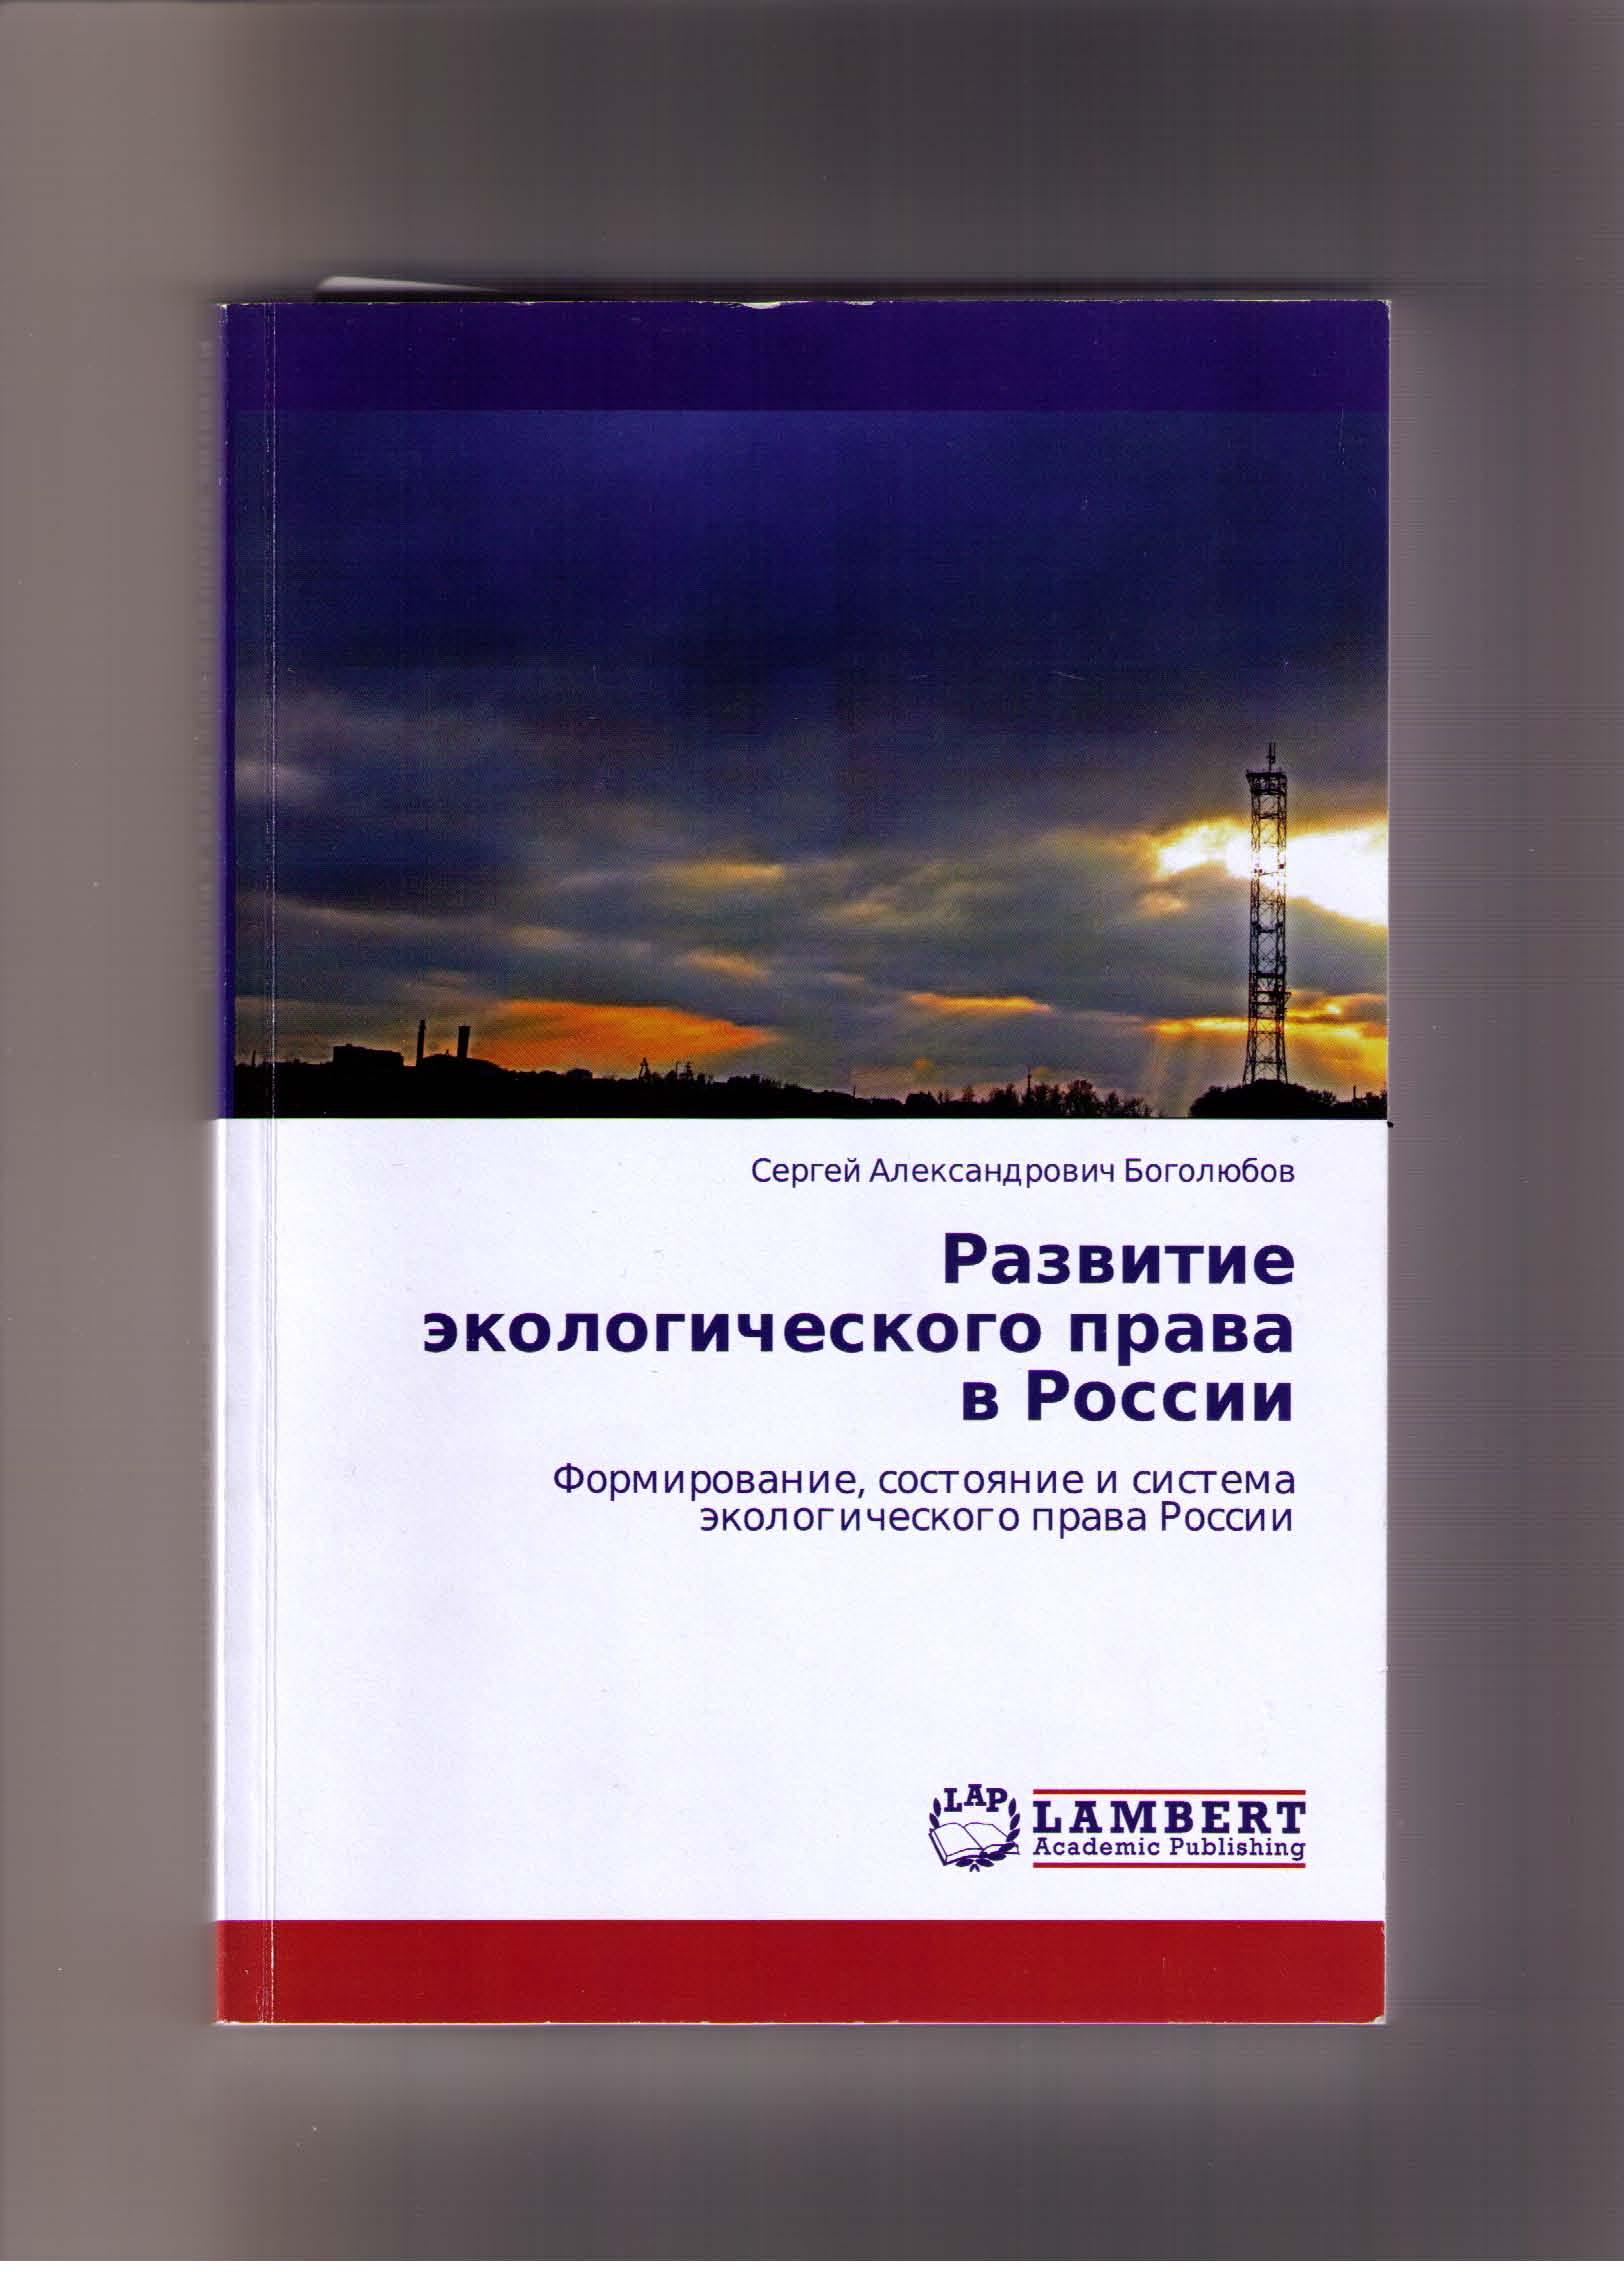 Развитие экологического права в России. Формирование, состояние и система экологического права в России